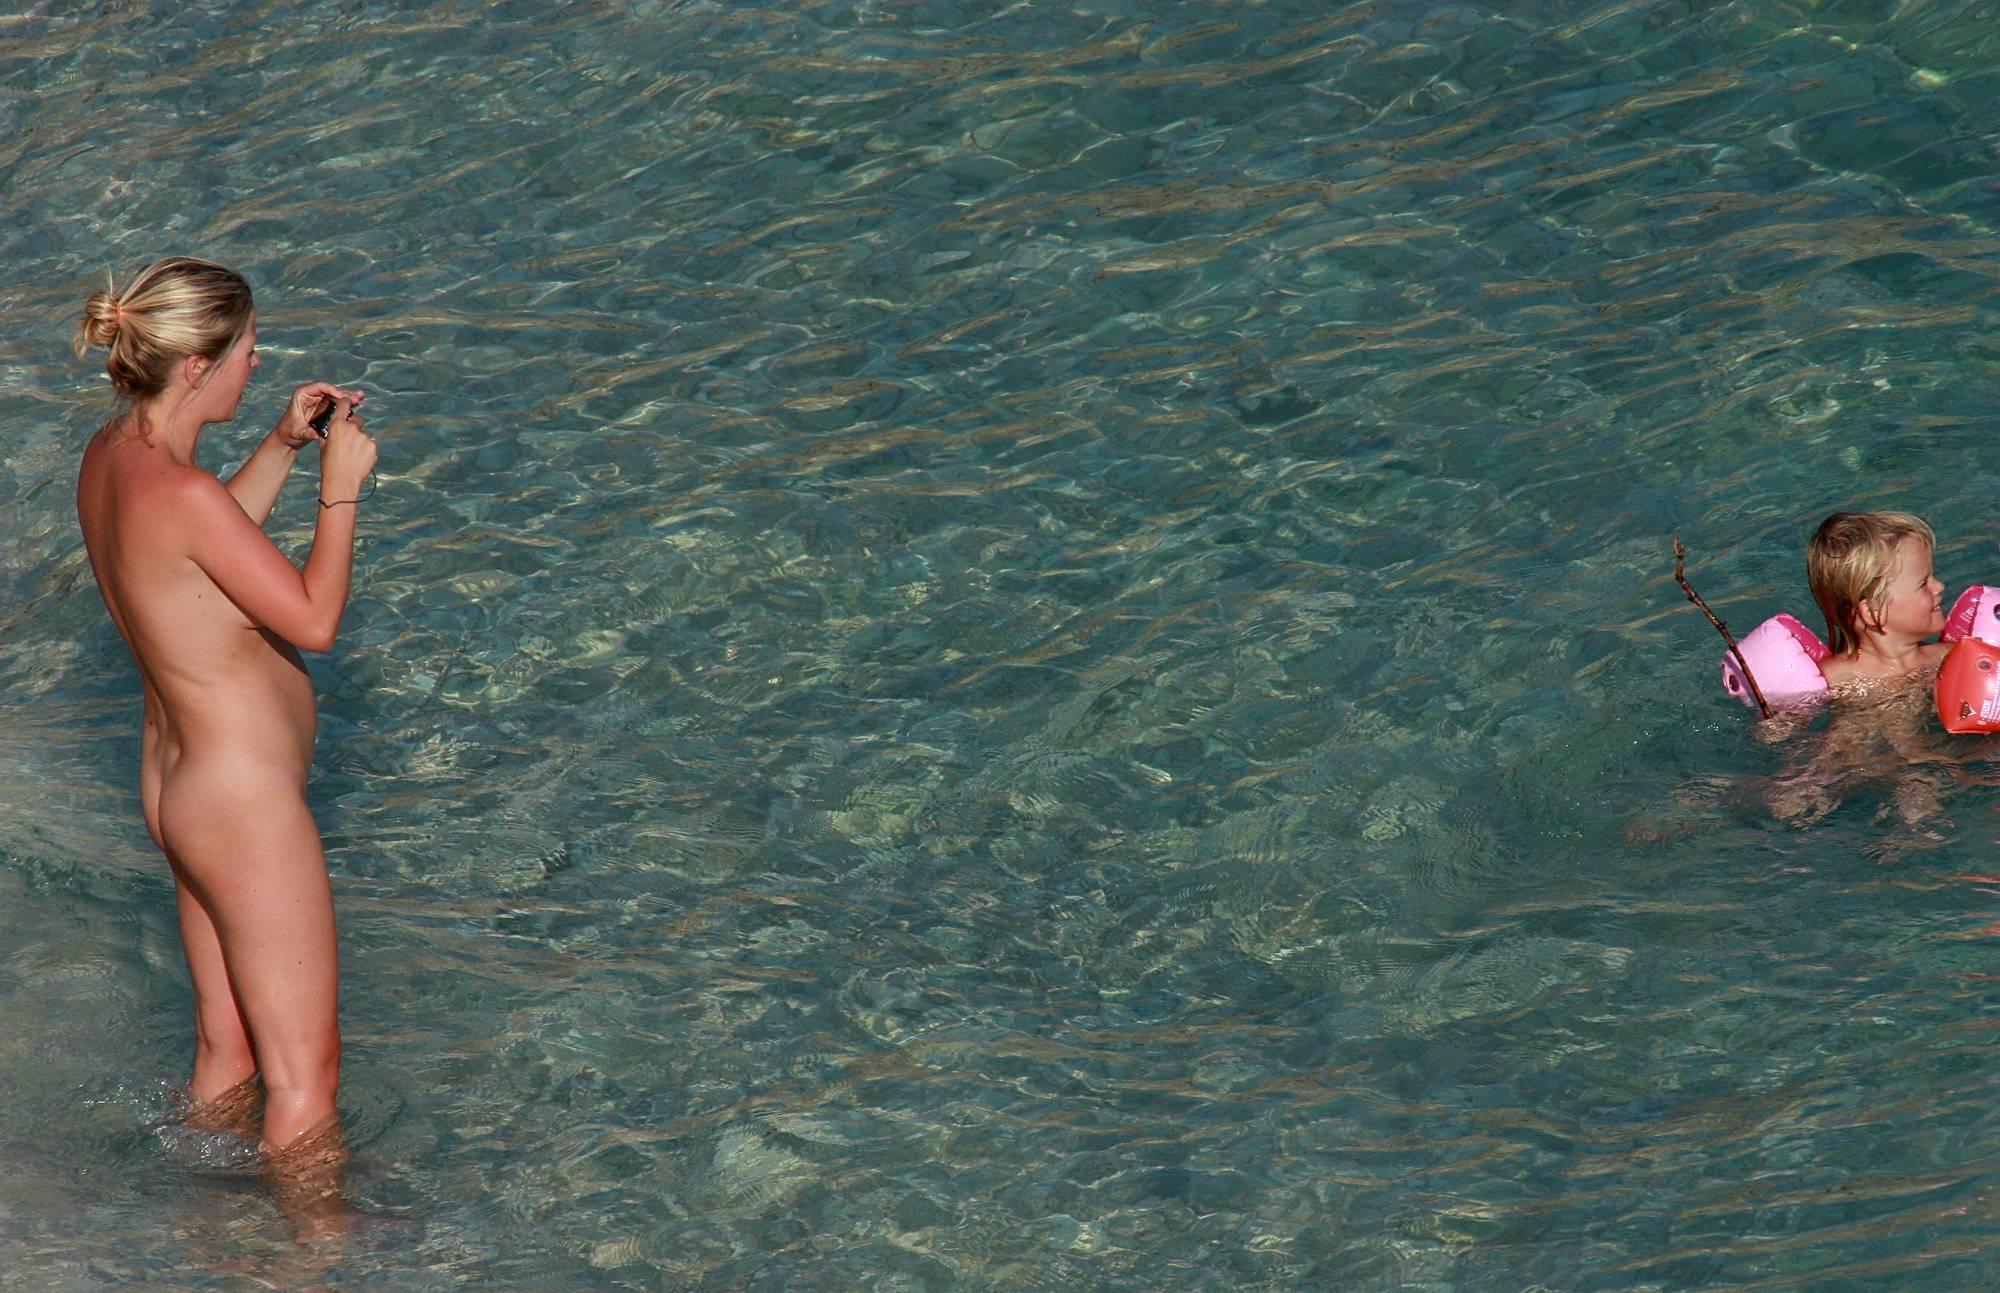 Snorkeling With Floaties - 1